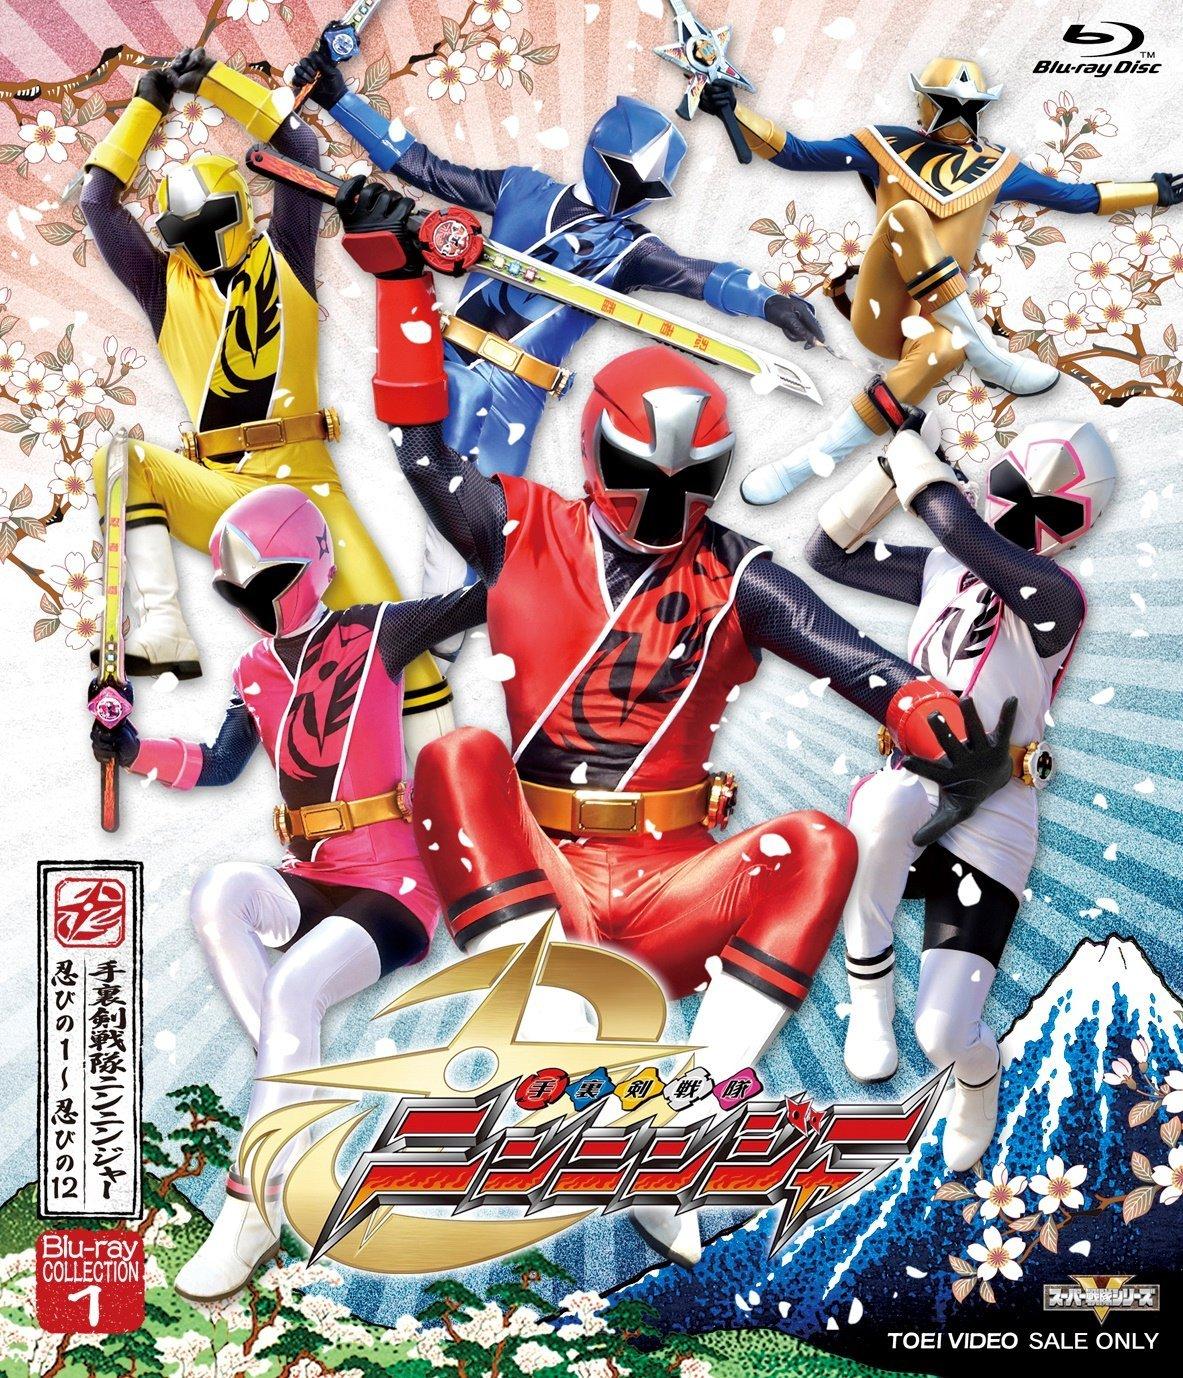 スーパー戦隊シリーズ 手裏剣戦隊ニンニンジャー Blu‐ray COLLECTION 1 [Blu-ray] B00TS5BLKQ